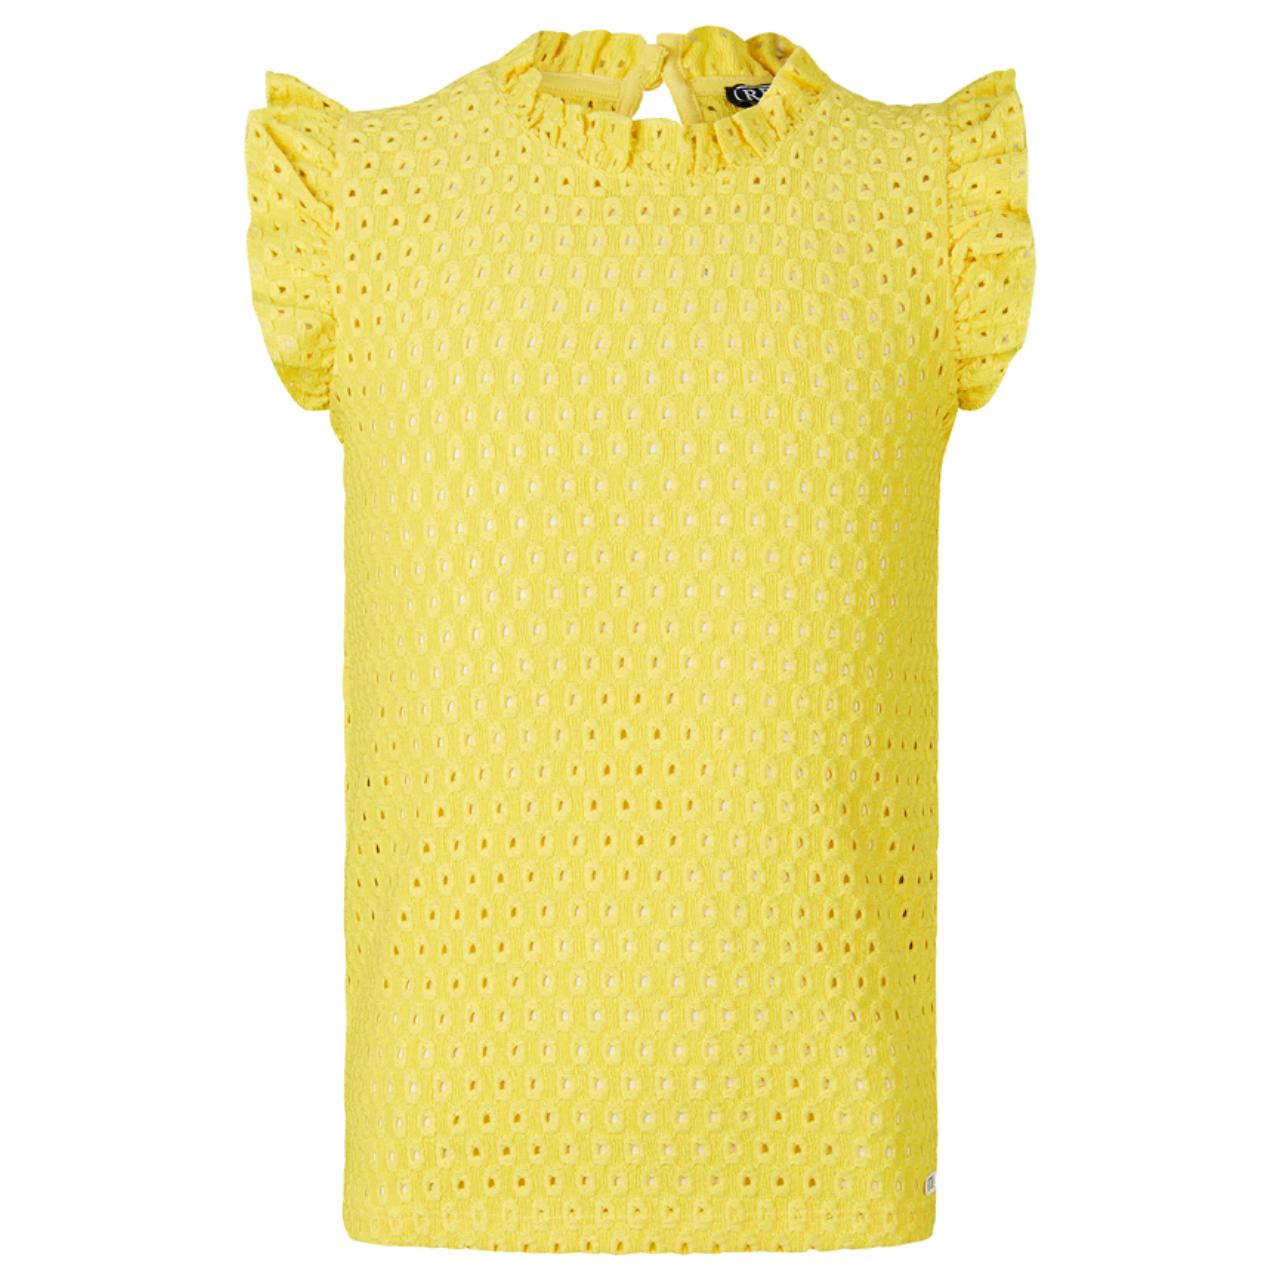 Retour girl Fay 3026 yellow Geel - in Meisjes